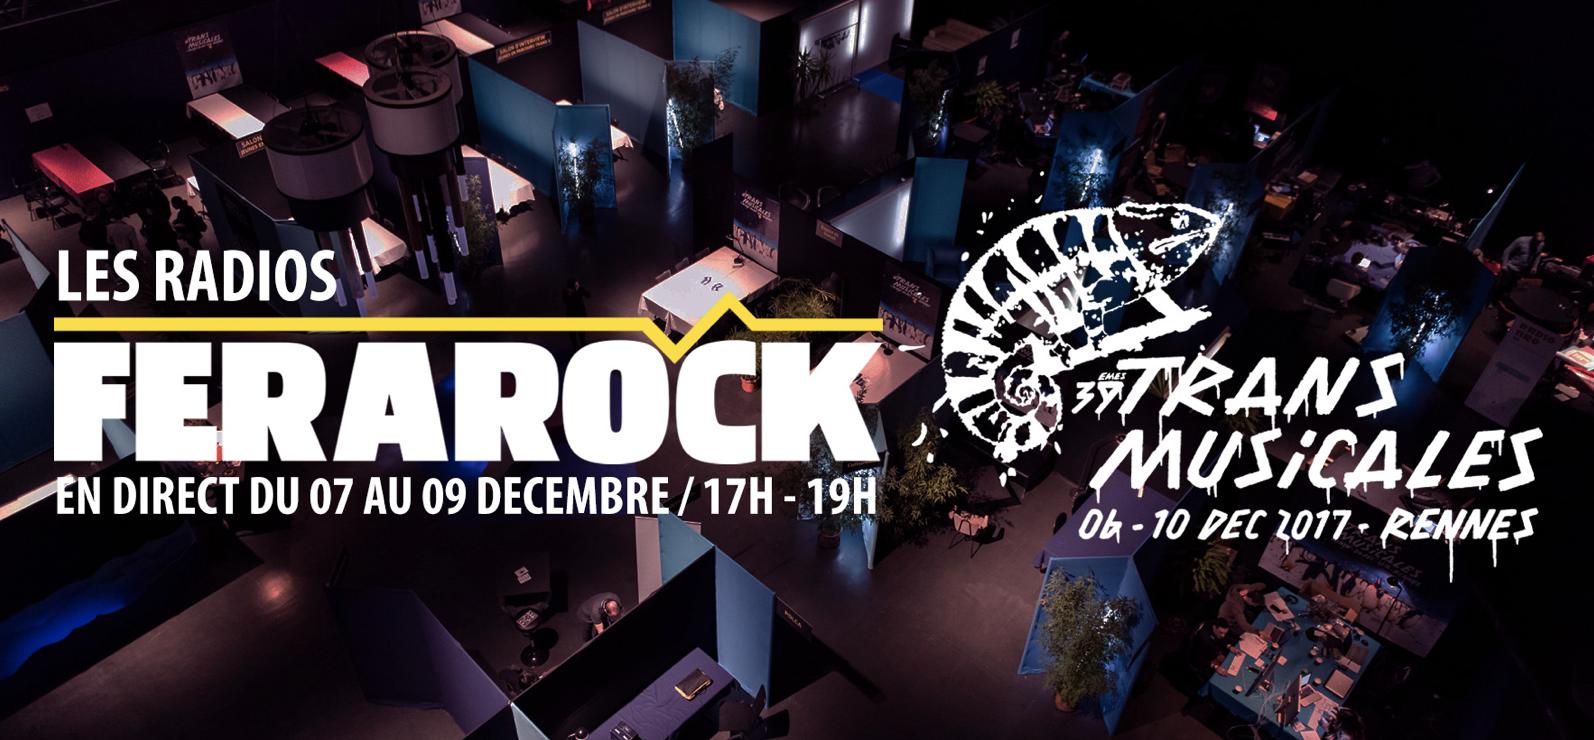 Les radios de la Ferarock en direct de Rennes